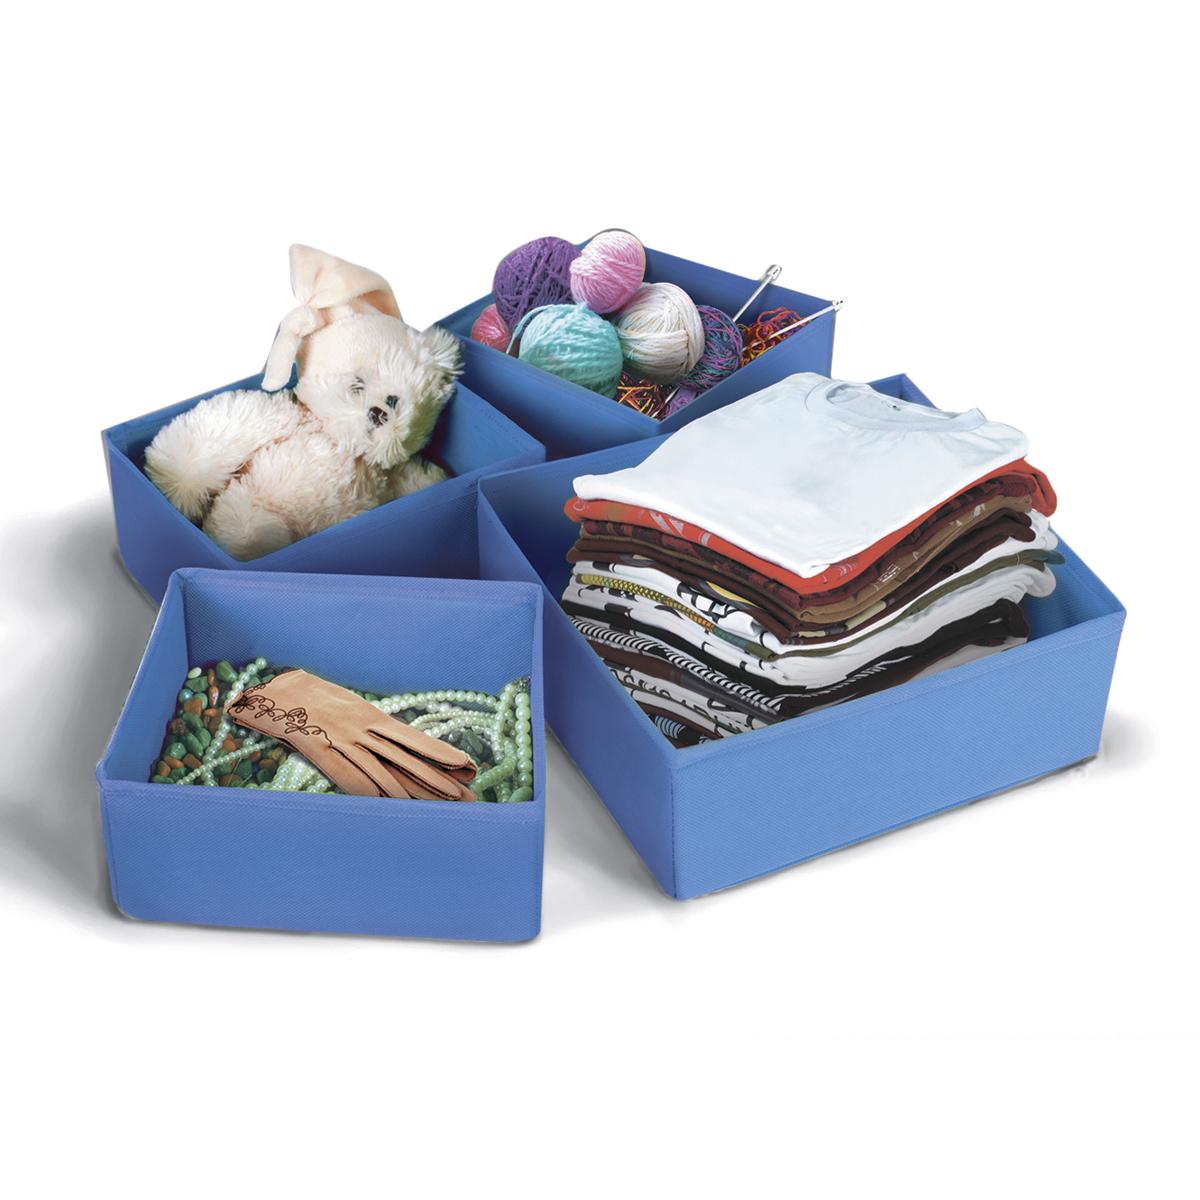 Набор коробок для хранения вещей Miolla, цвет: синий, 4 штCHL-8-1Набор Miolla состоит из 4 коробок разного размера для хранения различных вещей. Коробки выполнены из высококачественного нетканого материала, который не пропускает пыль, но при этом позволяет воздуху свободно проникать внутрь, обеспечивая естественную вентиляцию. Благодаря специальным картонным вставкам, коробки прекрасно держат форму. Особая конструкция позволяет при необходимости сложить или разложить коробку. Благодаря вместительности коробок вы сможете сэкономить место в вашем доме, и все вещи всегда будут в порядке. Размеры коробок: 26 х 26 х 8 см, 26 х 14 х 8 см, 20 х 16 х 8 см, 20 х 16 х 8 см.